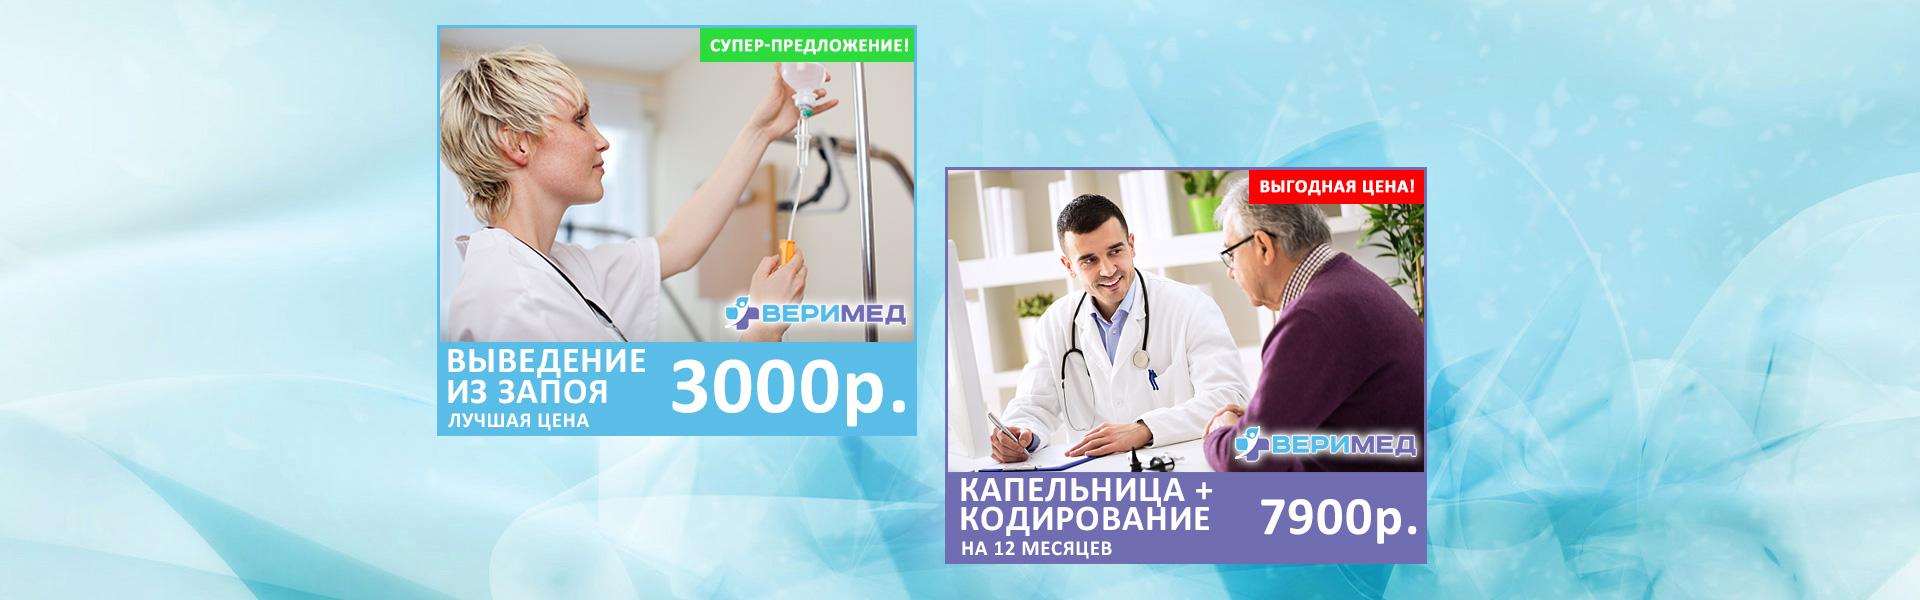 Клиника Веримед-Акции!